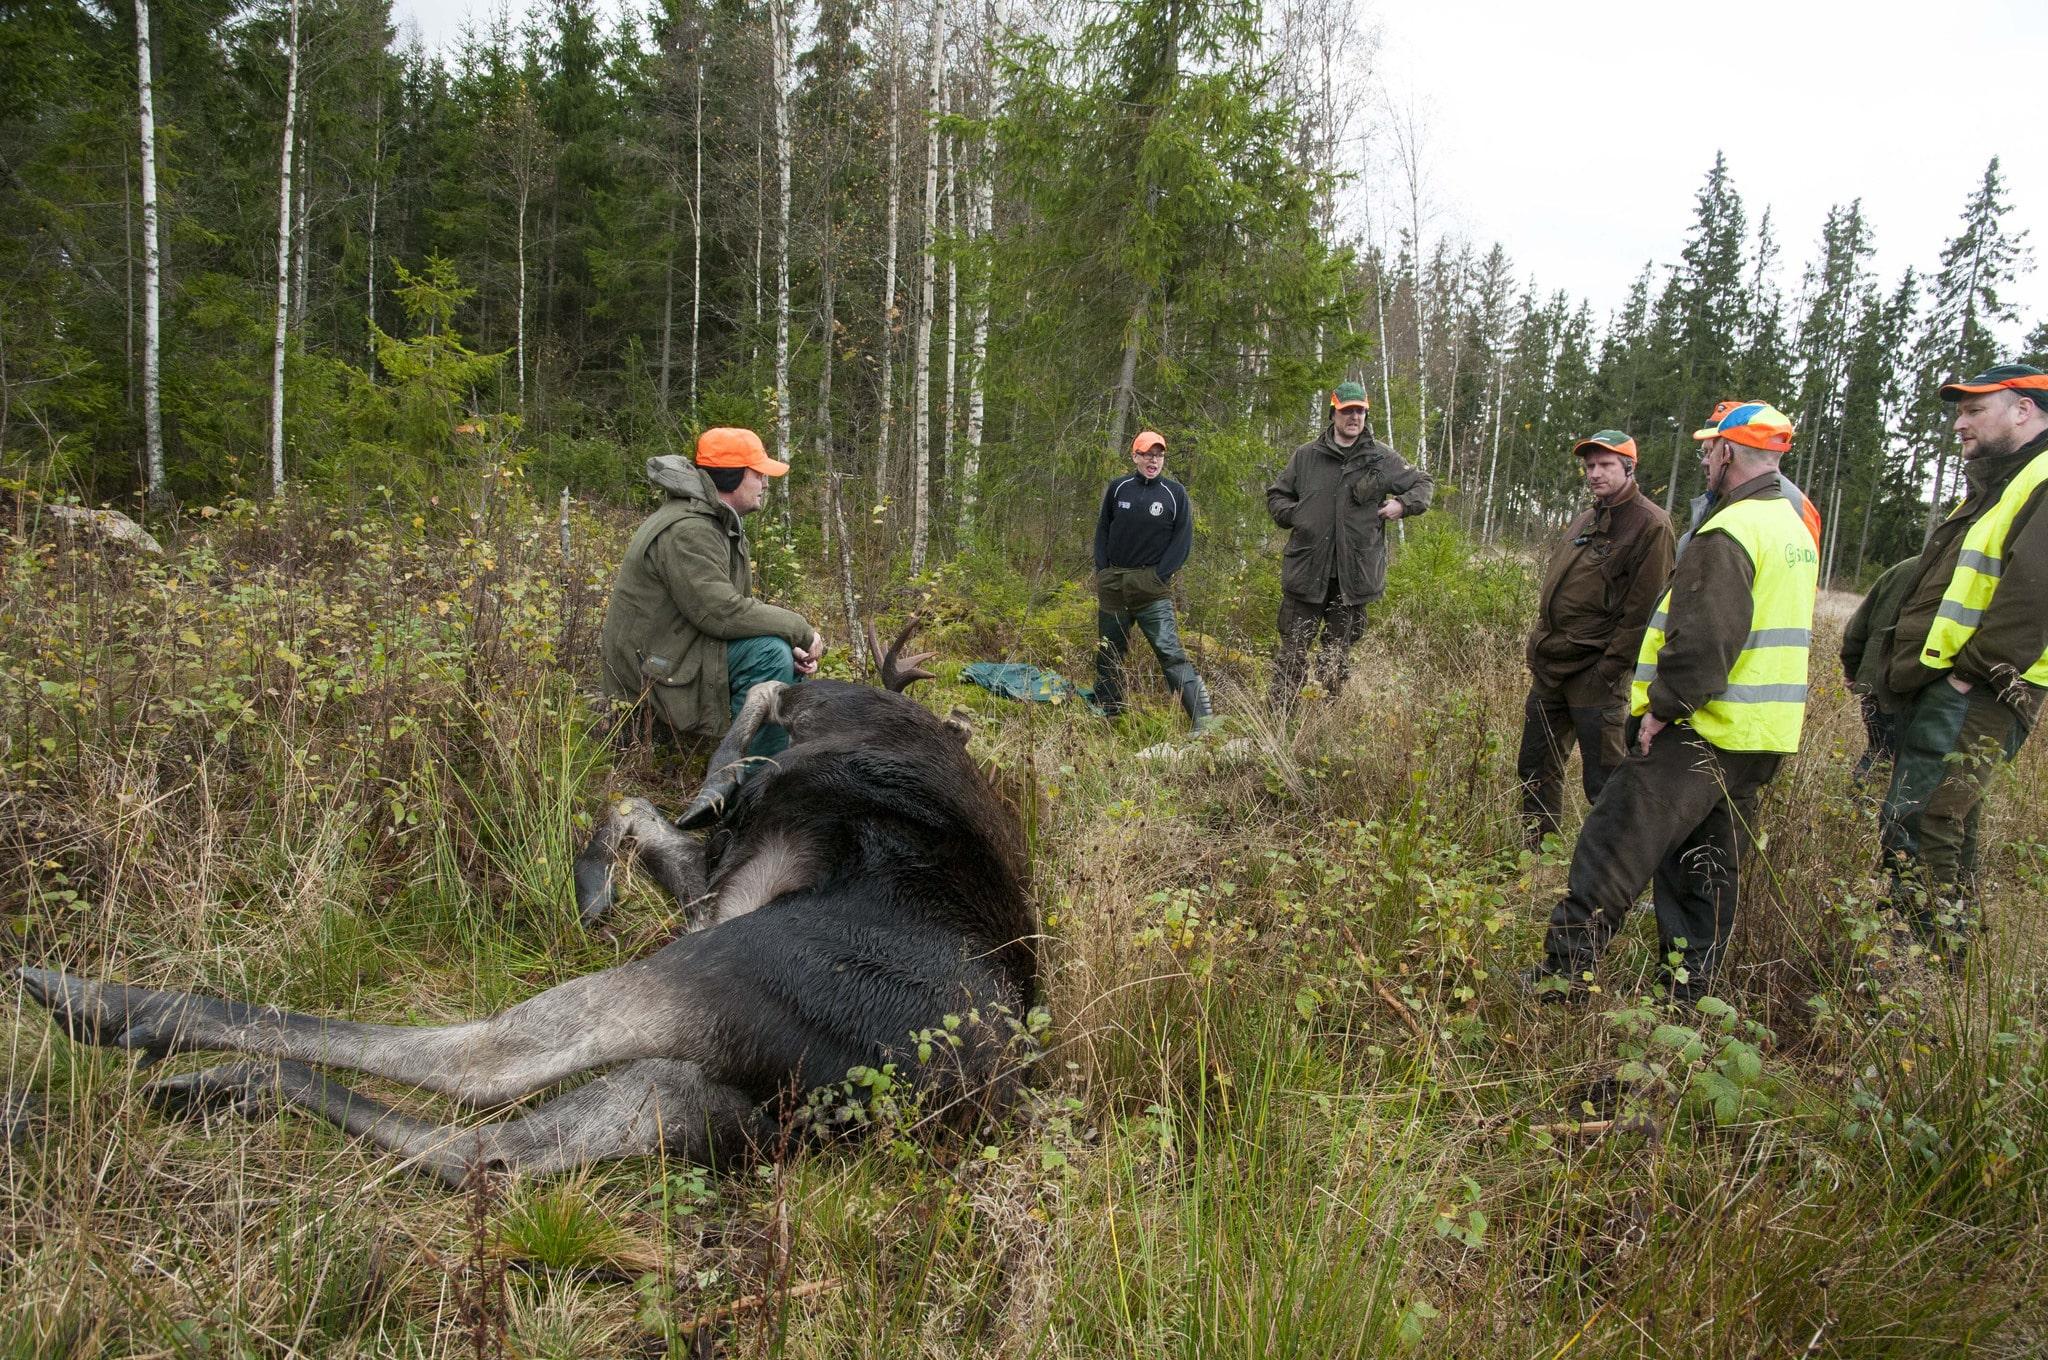 Jägarna är en förutsättning för att Naturvårdsverkets viltstrategi ska kunna nå framgång, skriver debattören. Foto: Jan Henricson